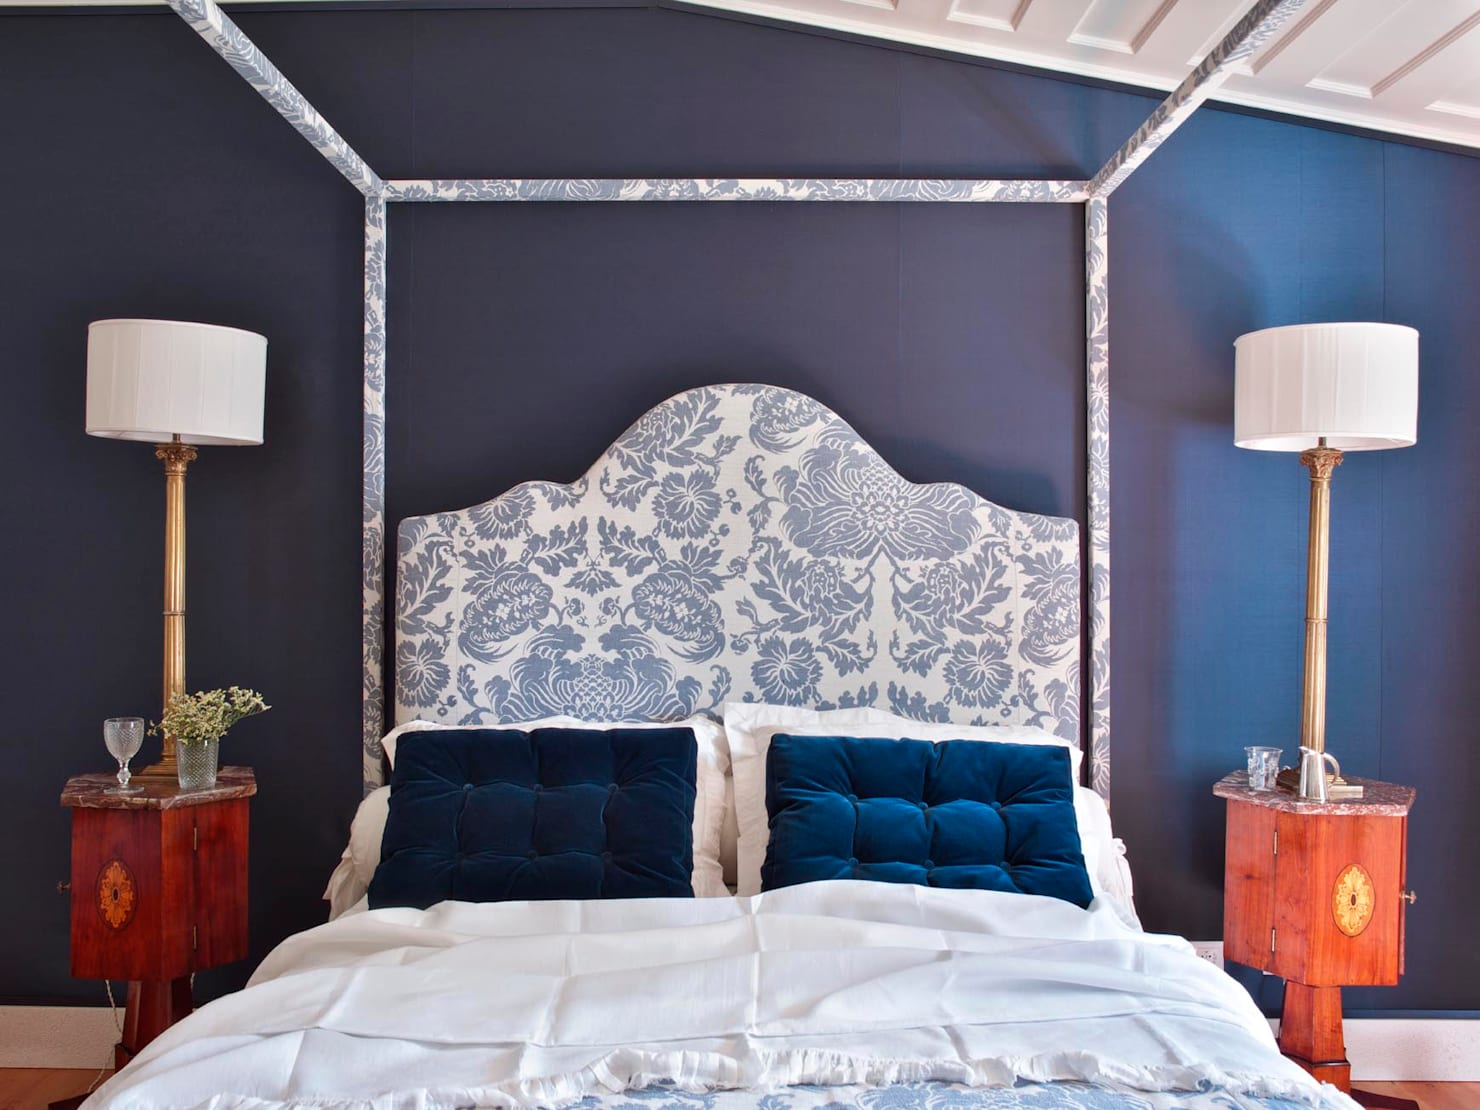 7 coisas que você deve saber antes de decorar seu quarto